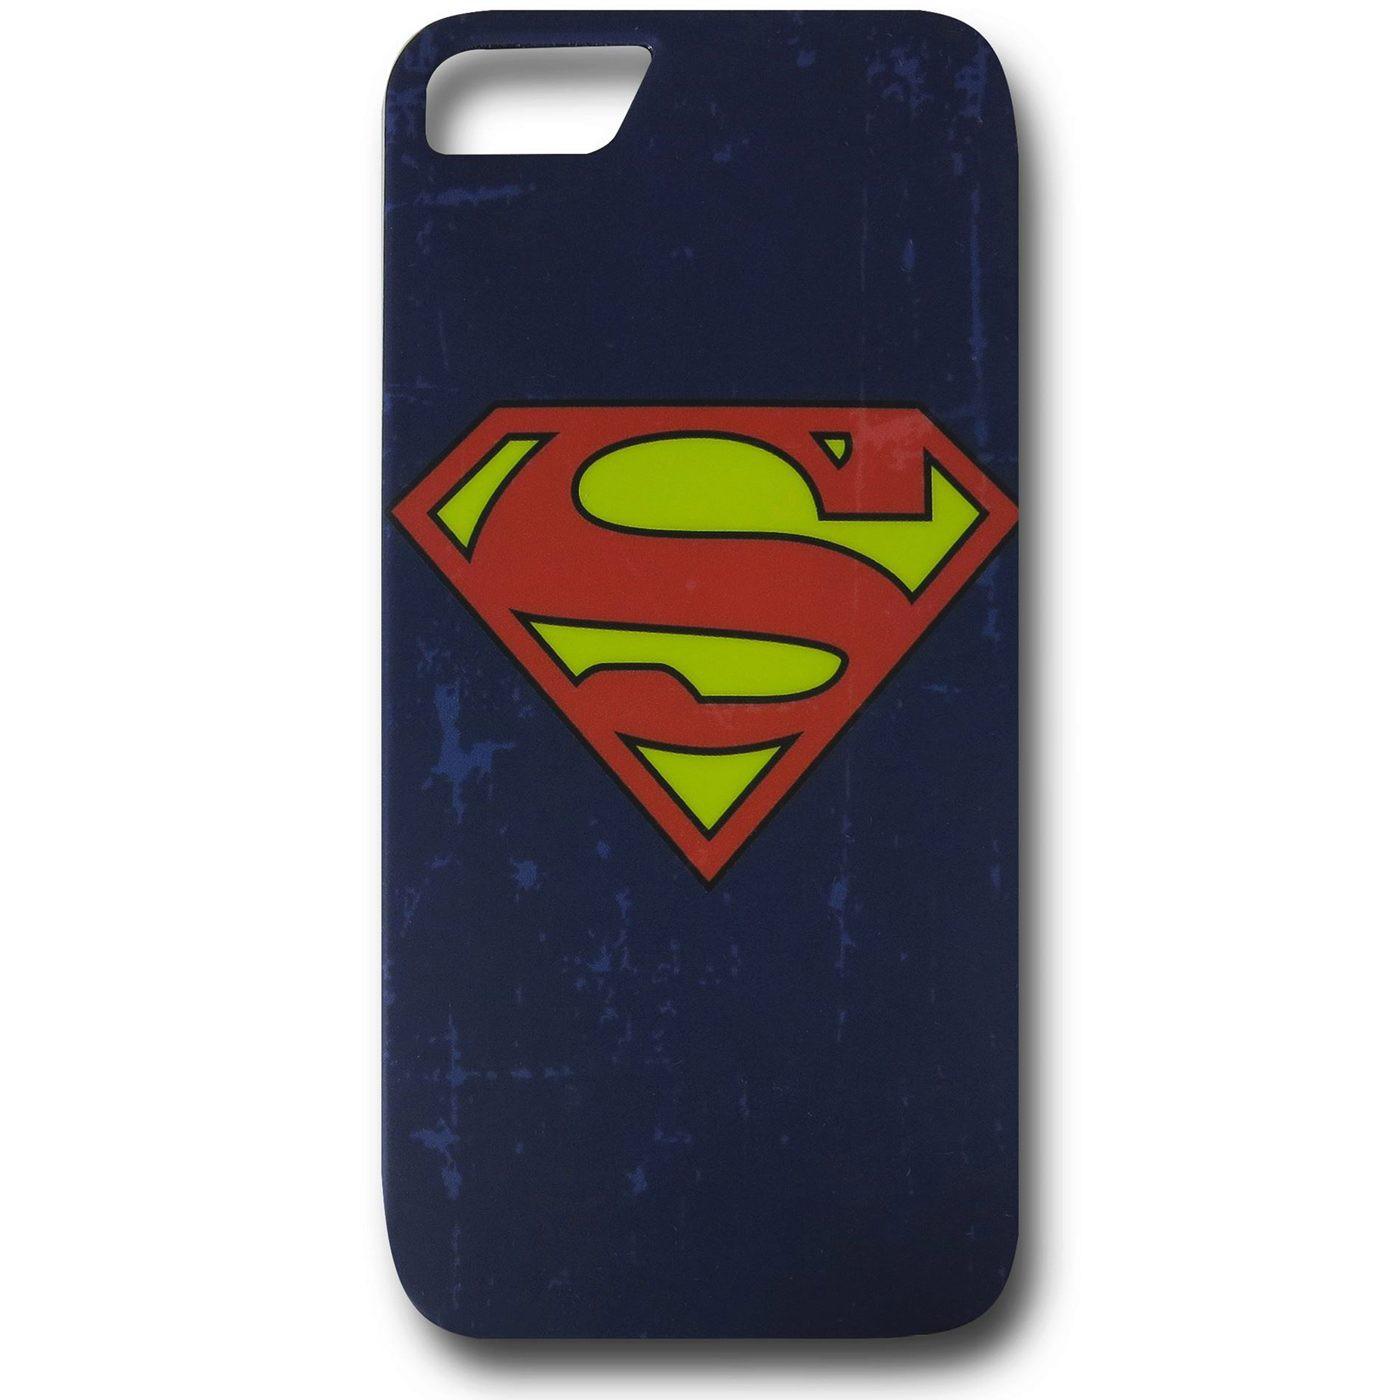 Superman Distressed Symbol iPhone 5 Case